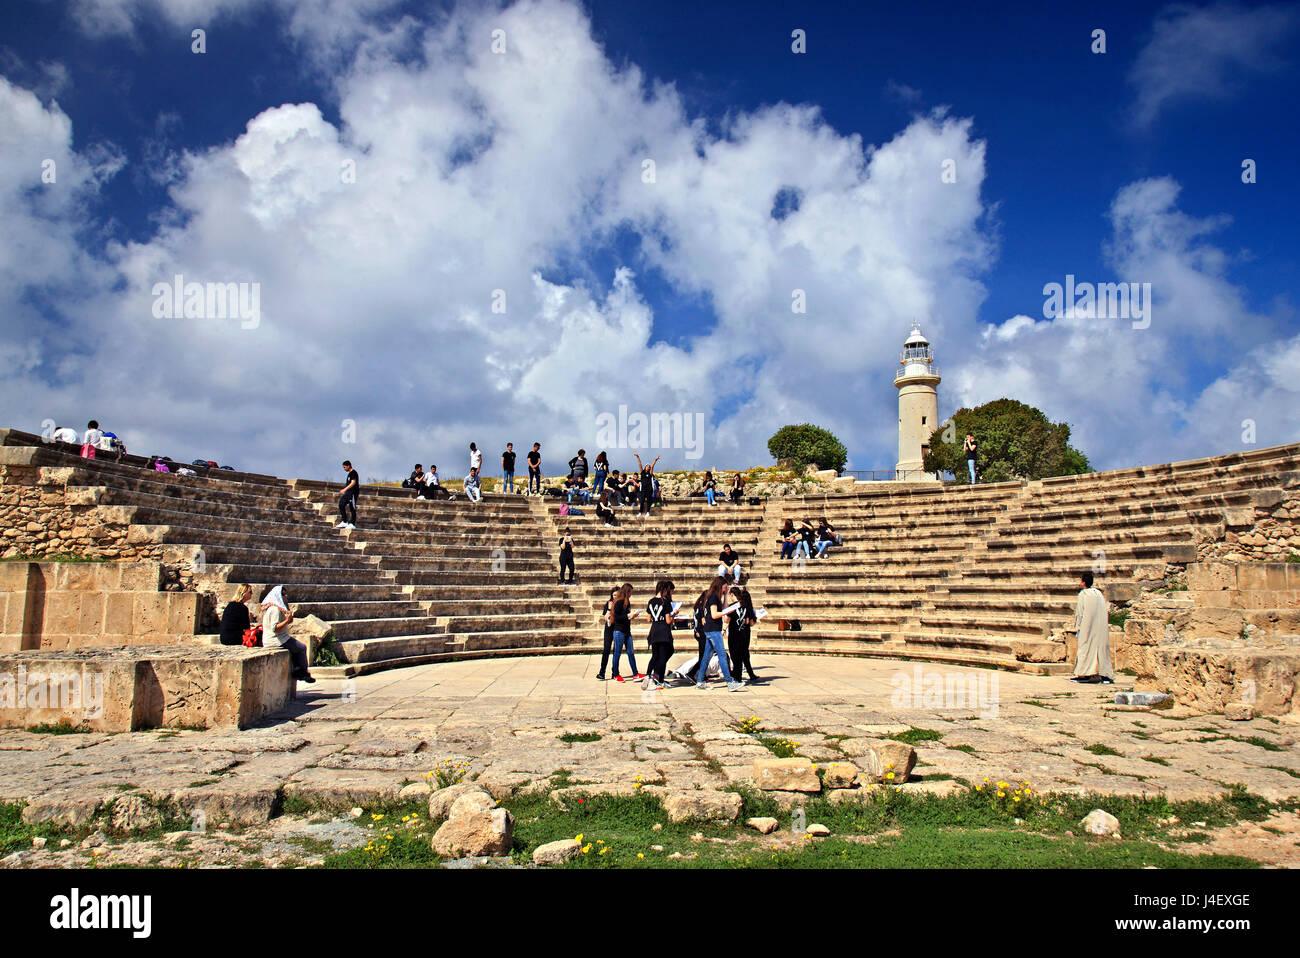 """Les étudiants, """"hearsing' à l'odéon romain dans le parc archéologique de Paphos Photo Stock"""